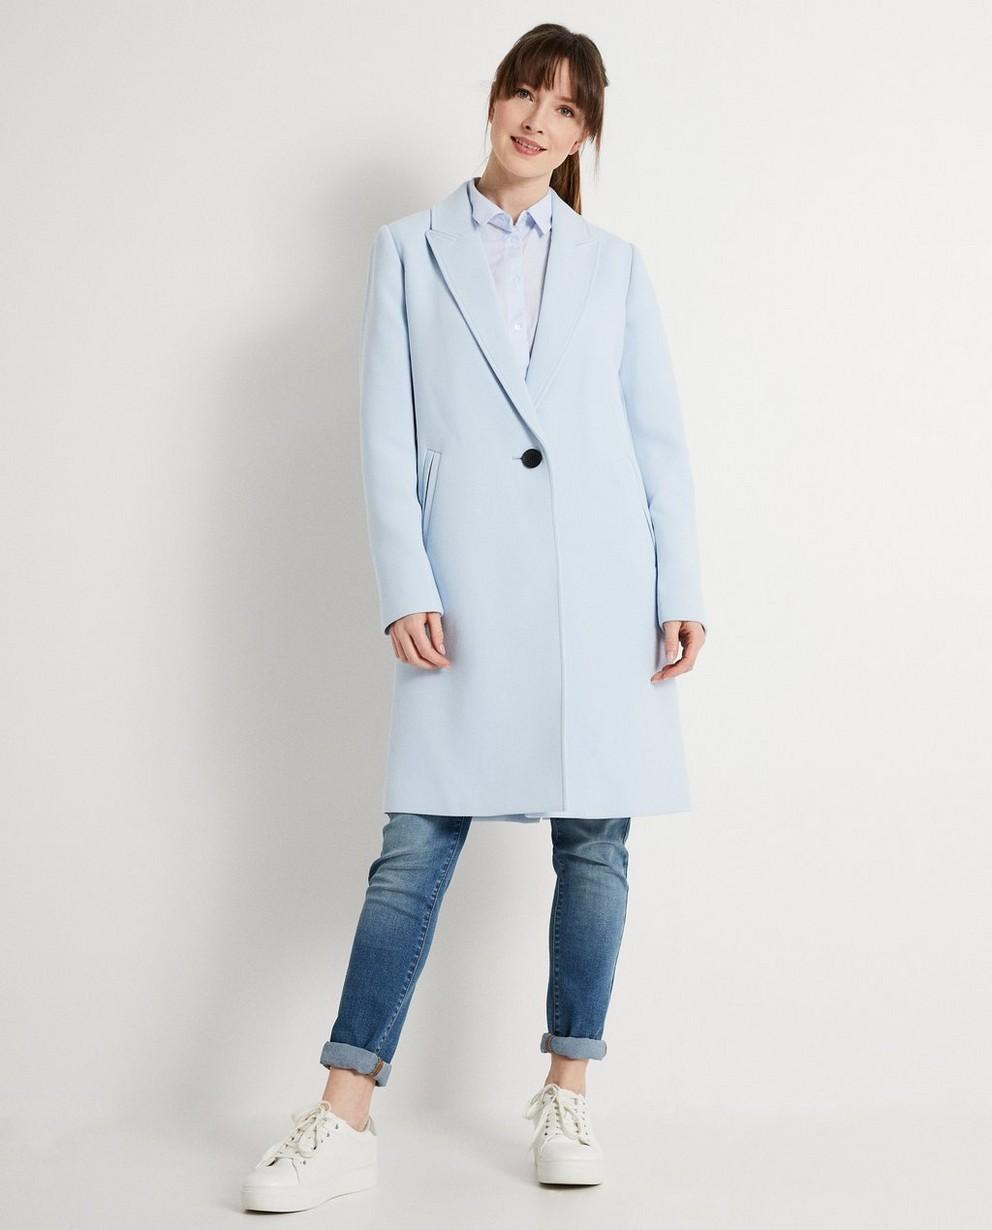 Lichtblauwe jas  - Met voering - JBC